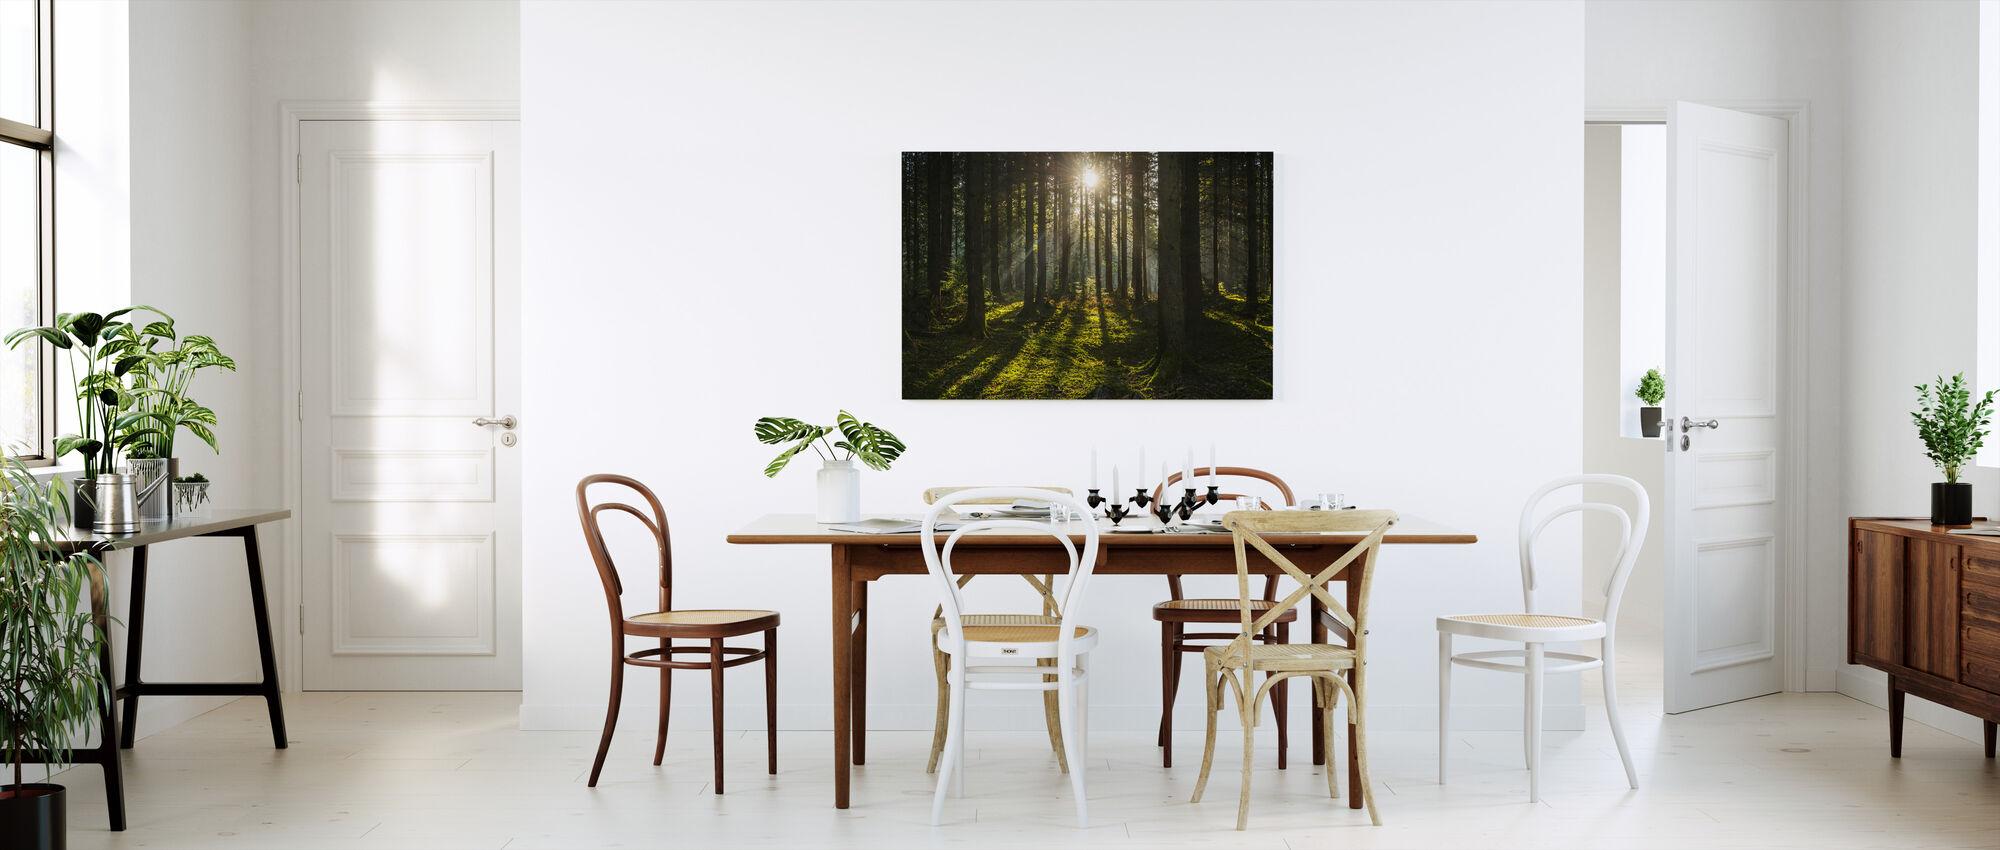 Pine Forest Wilderness - Canvas print - Kitchen